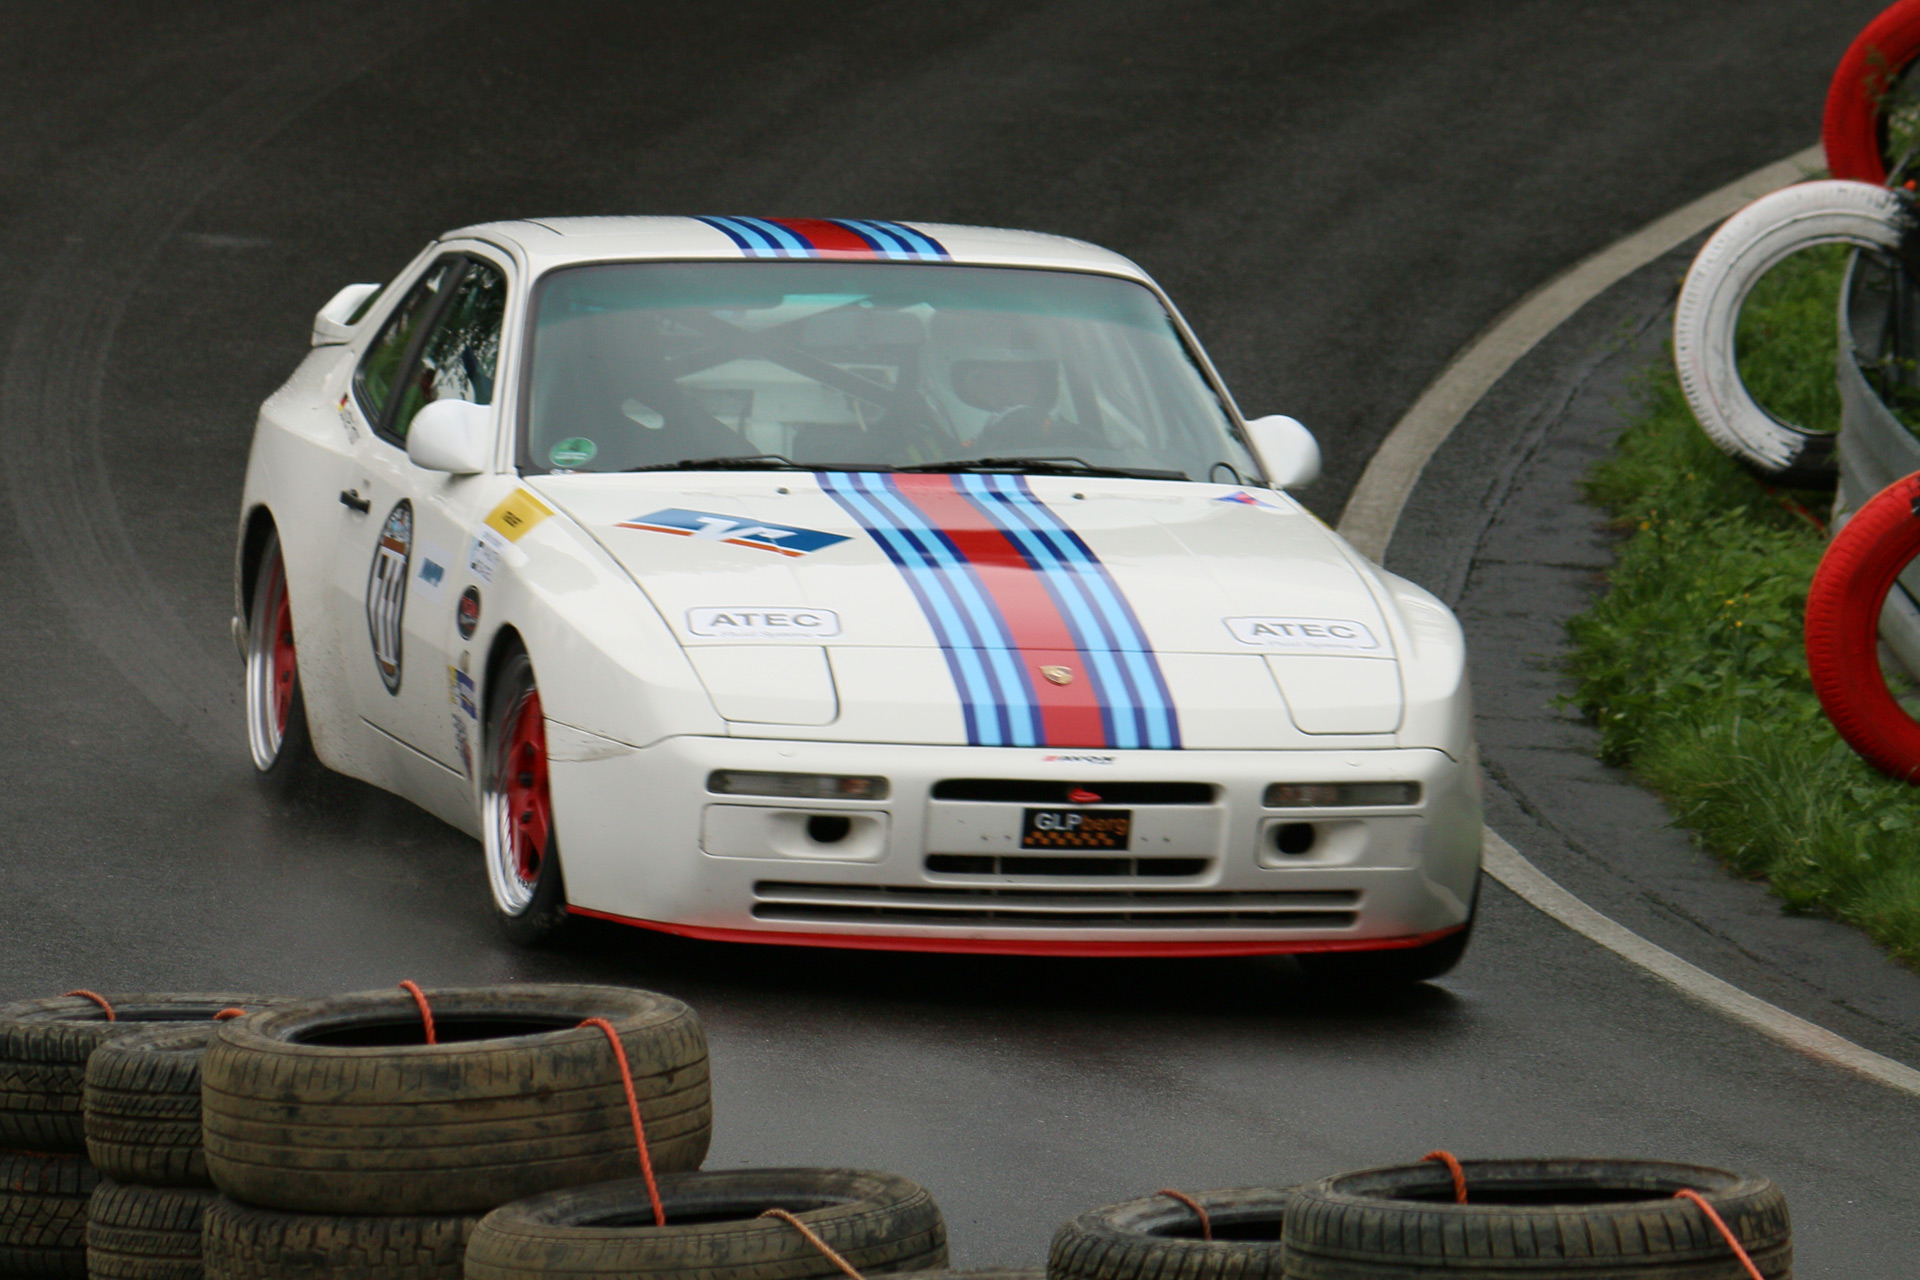 Der Motor des Porsche 944 S2 war zur Zeit seiner Präsentation der Reihenvierzylinder mit weltweit dem größten Hubraum in einem Serien-PKW. Karosserie und Interieur des S2 wurden direkt vom bisherigen 944 Turbo übernommen.